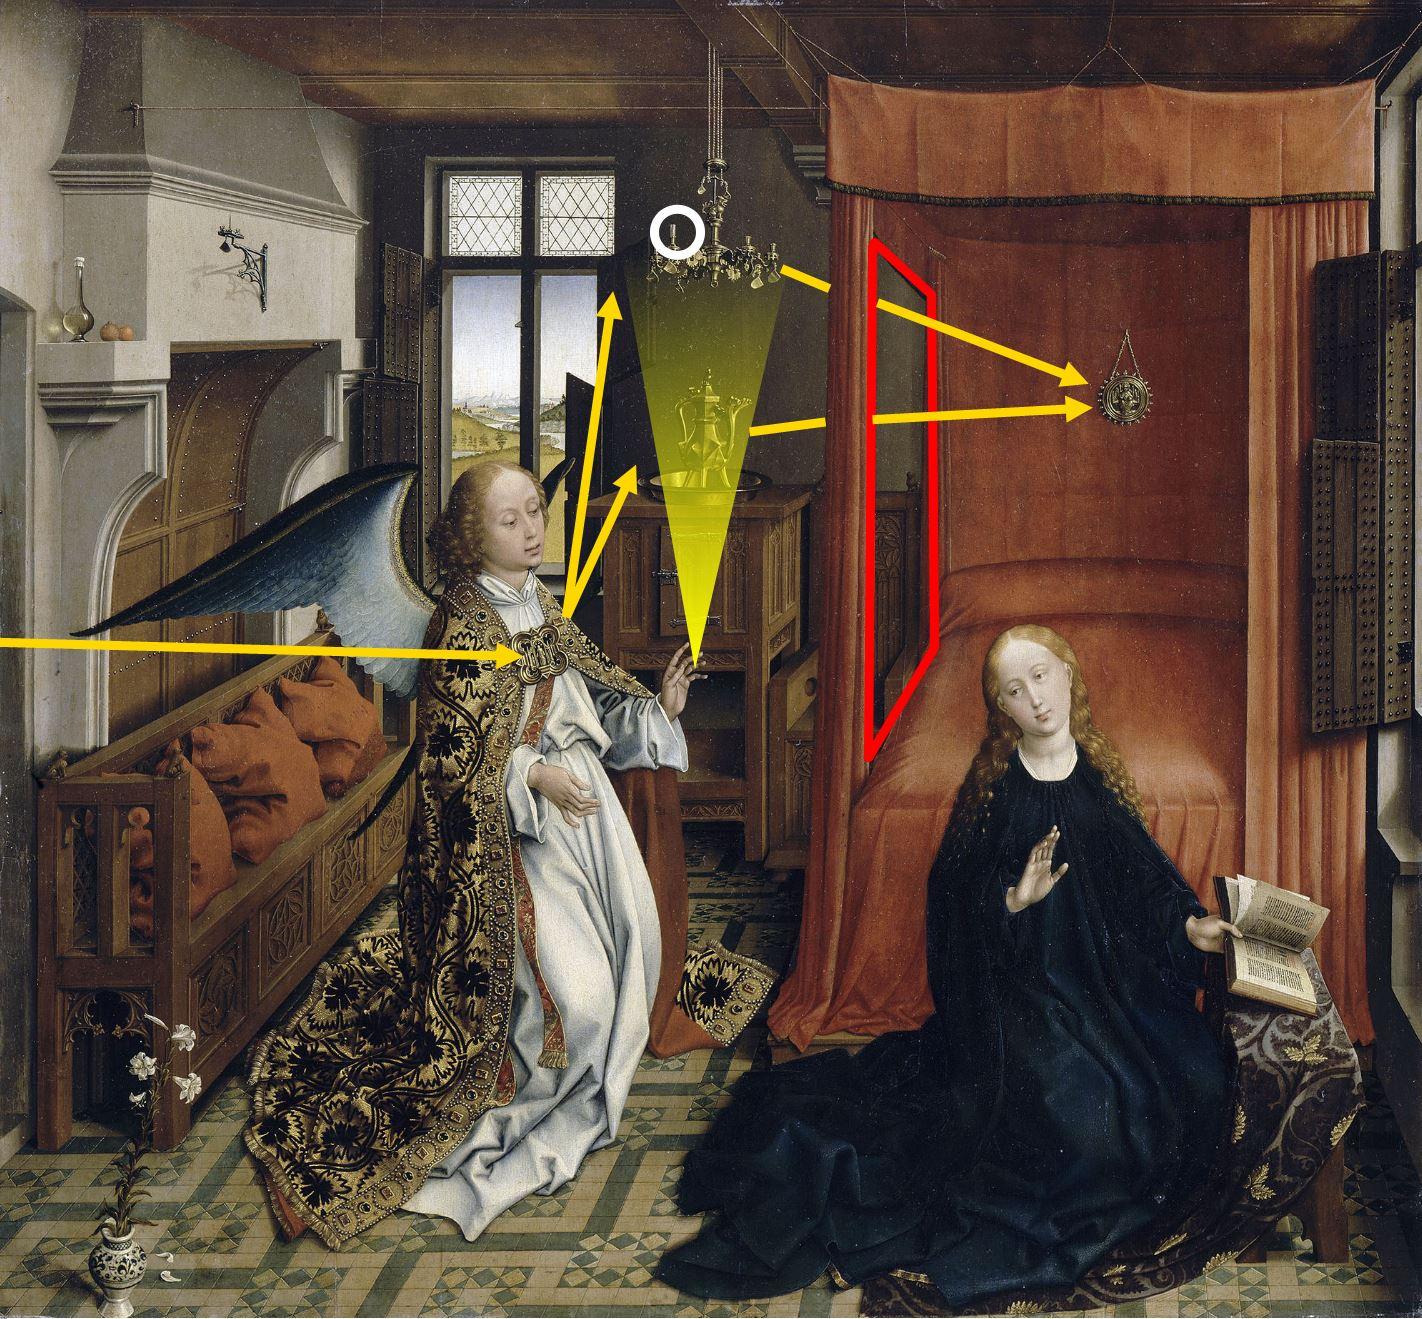 van der weyden 1434 ca annonciation Louvre schema Incarnation